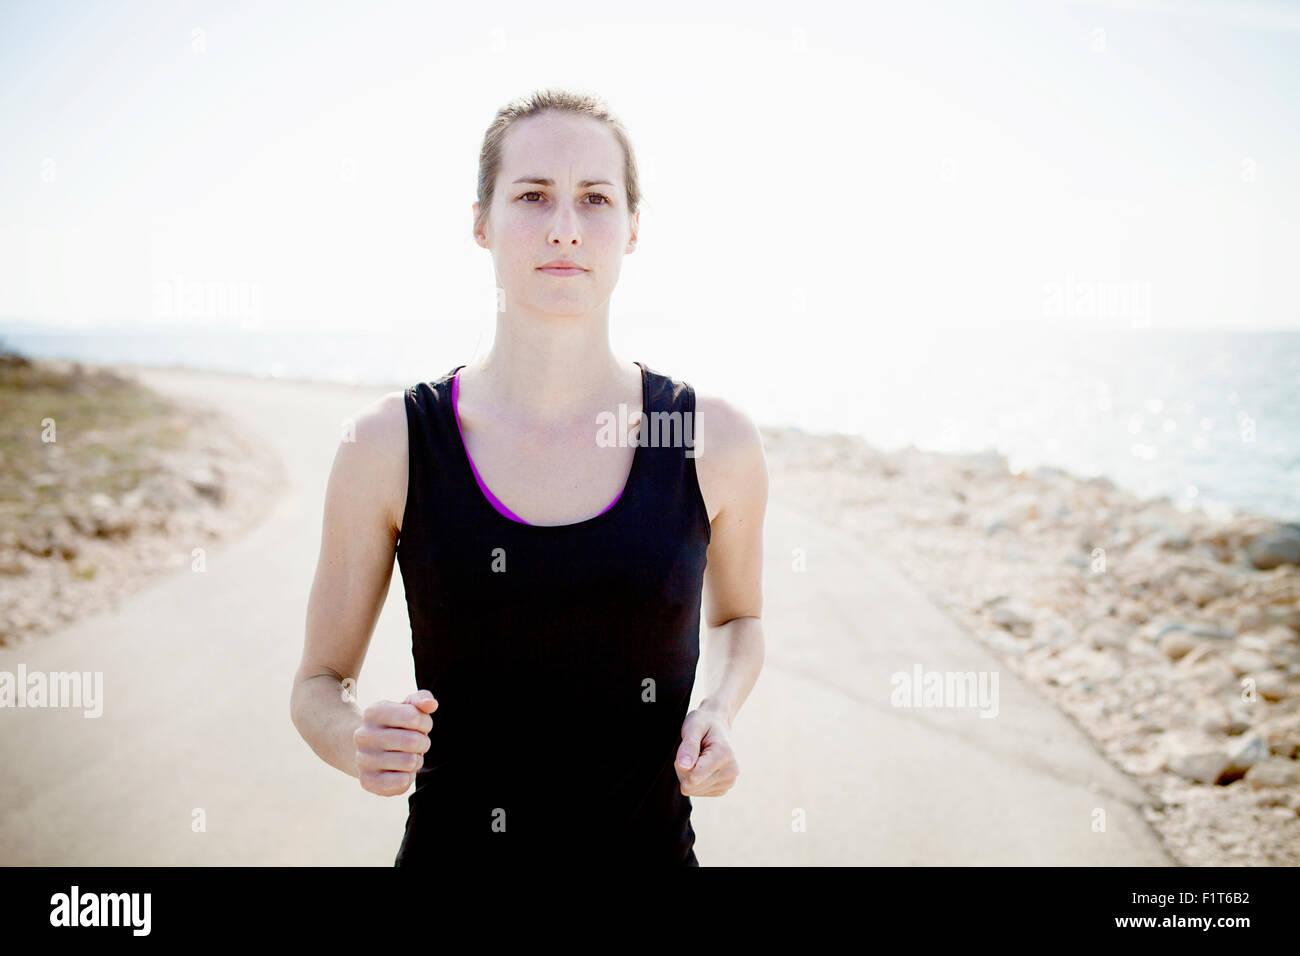 Frau in Sportbekleidung Joggen am Wasser Weg Stockbild